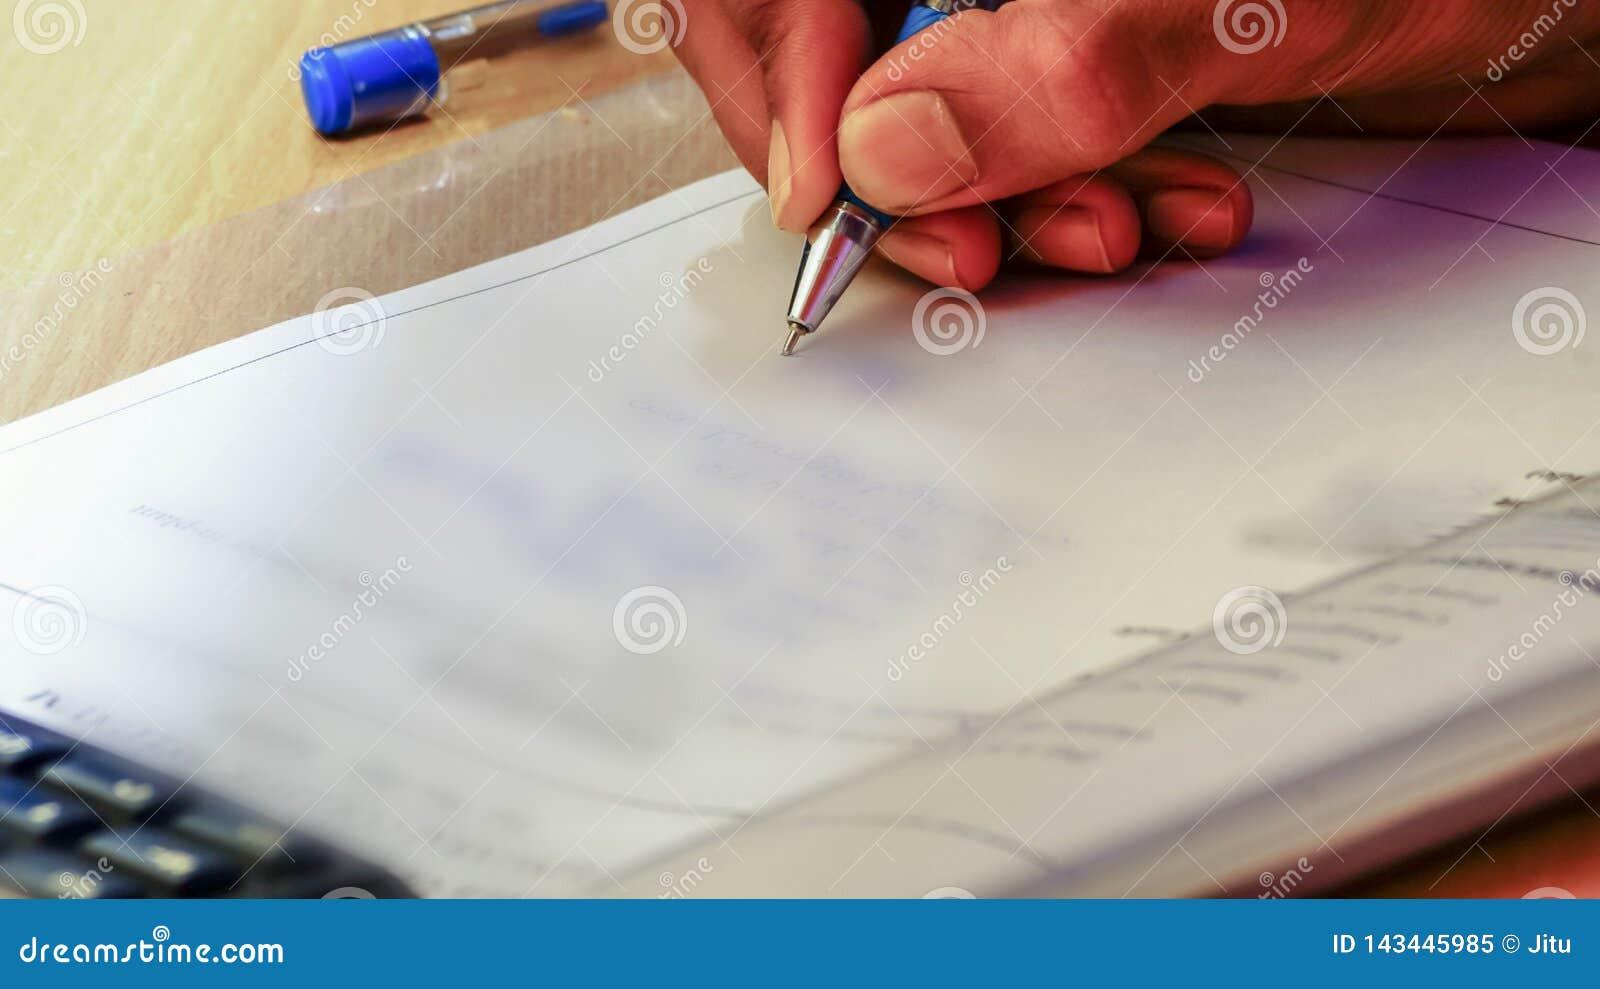 Κινηματογράφηση σε πρώτο πλάνο ενός men& x27 χέρι του s που γράφει κάτι σε χαρτί με τη βοήθεια μιας μάνδρας